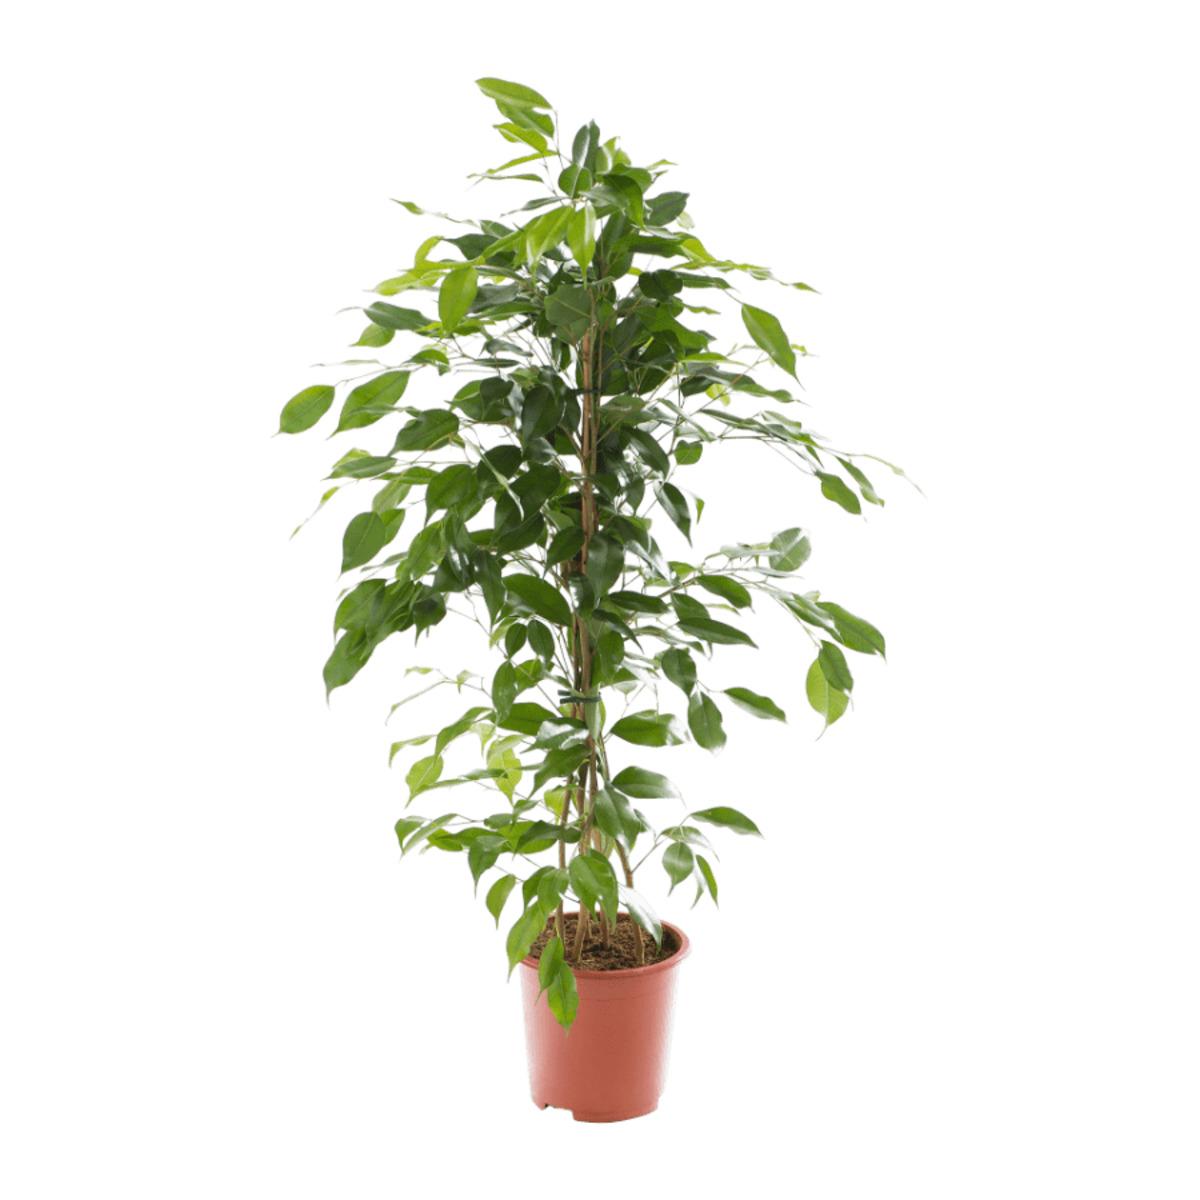 Bild 5 von GARDENLINE     Grünpflanze